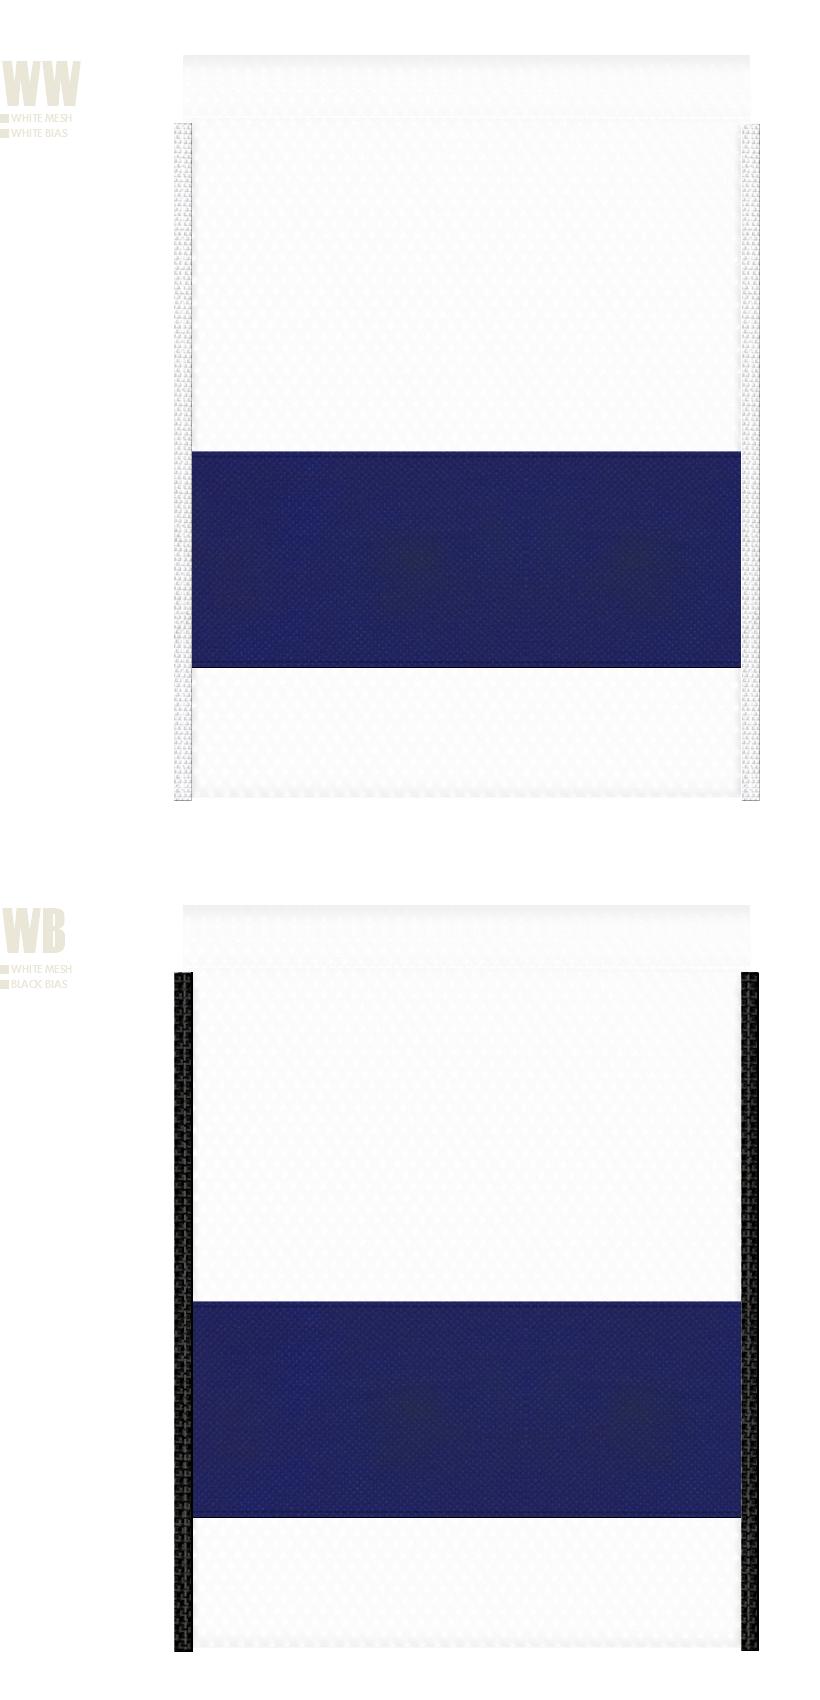 白色メッシュと紺色不織布のメッシュバッグカラーシミュレーション:キャンプ用品・アウトドア用品・スポーツ用品・シューズバッグにお奨め